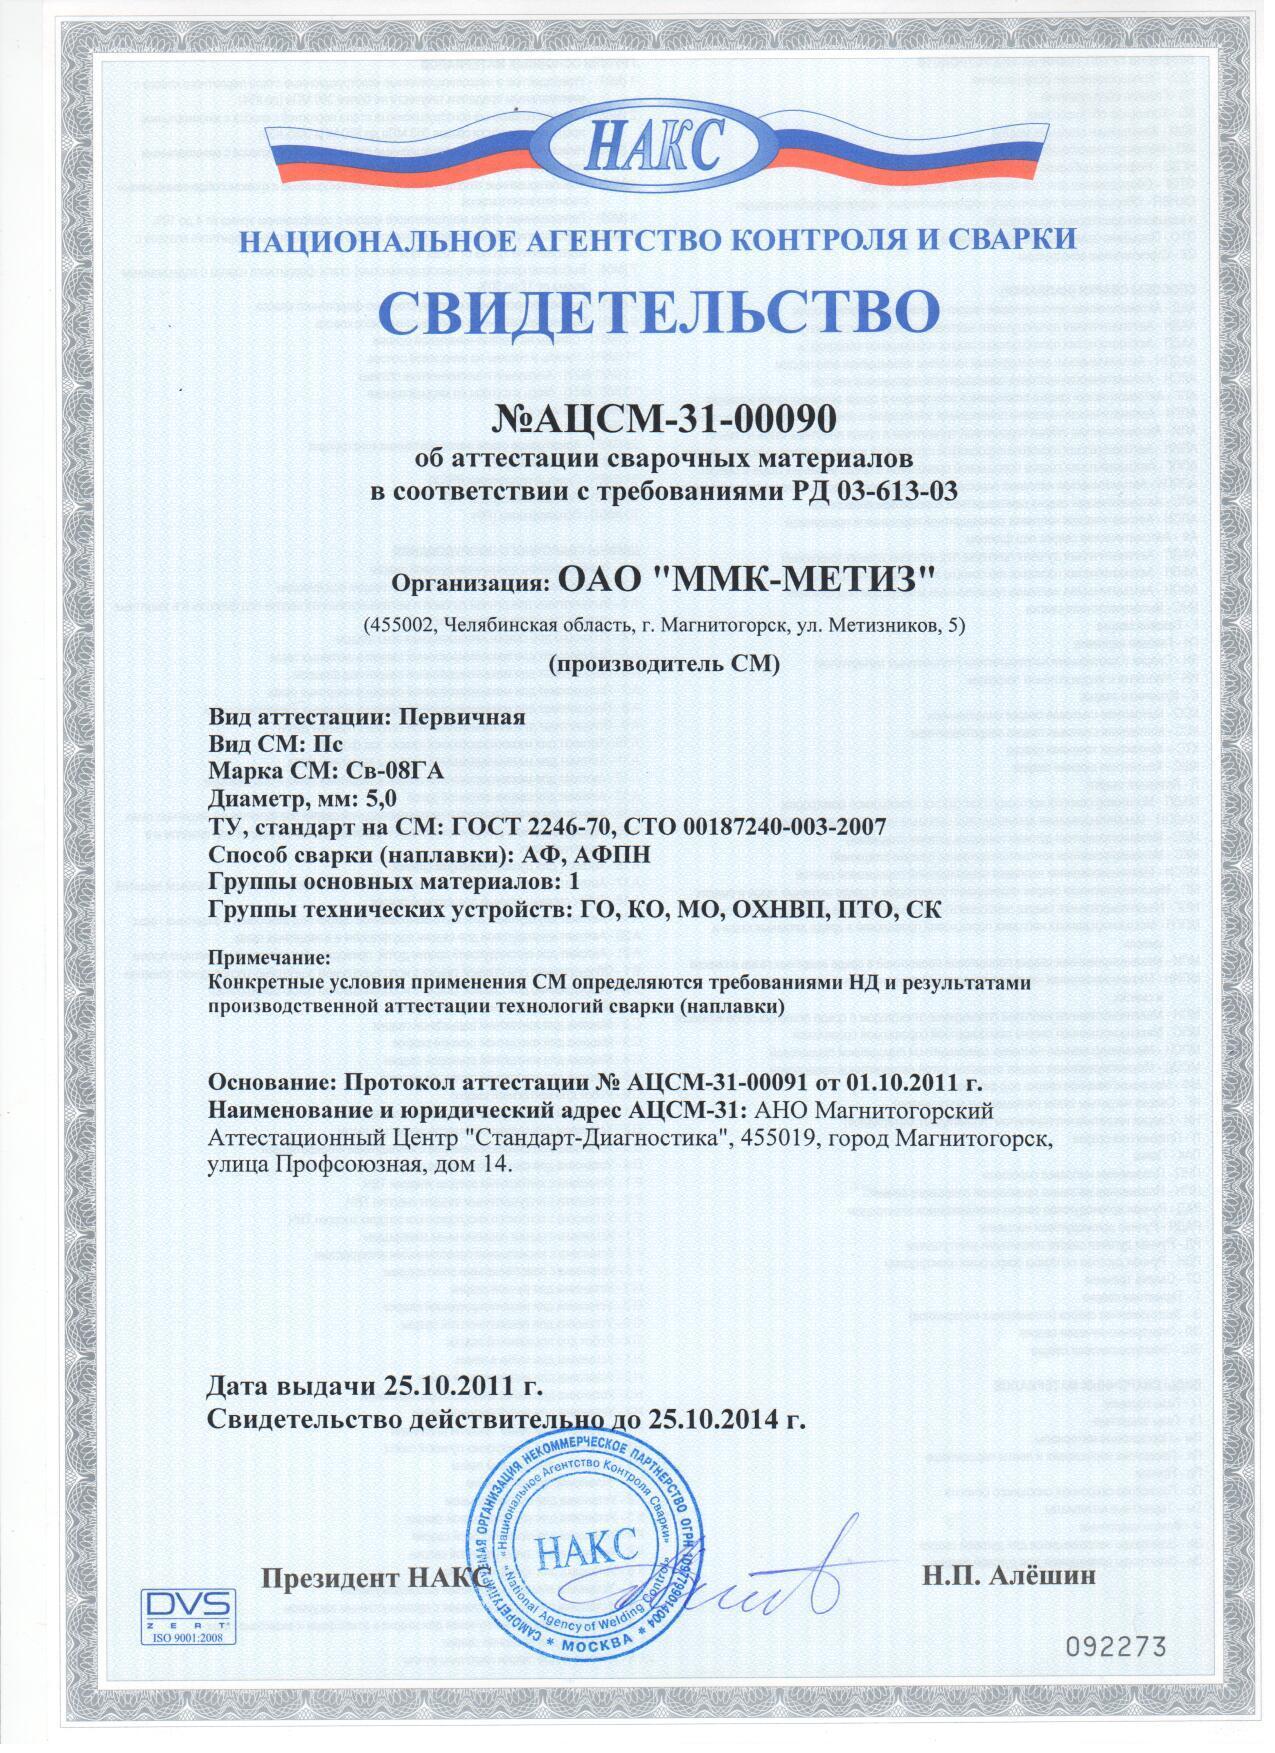 Аттестация технологии сварки НАКС в России